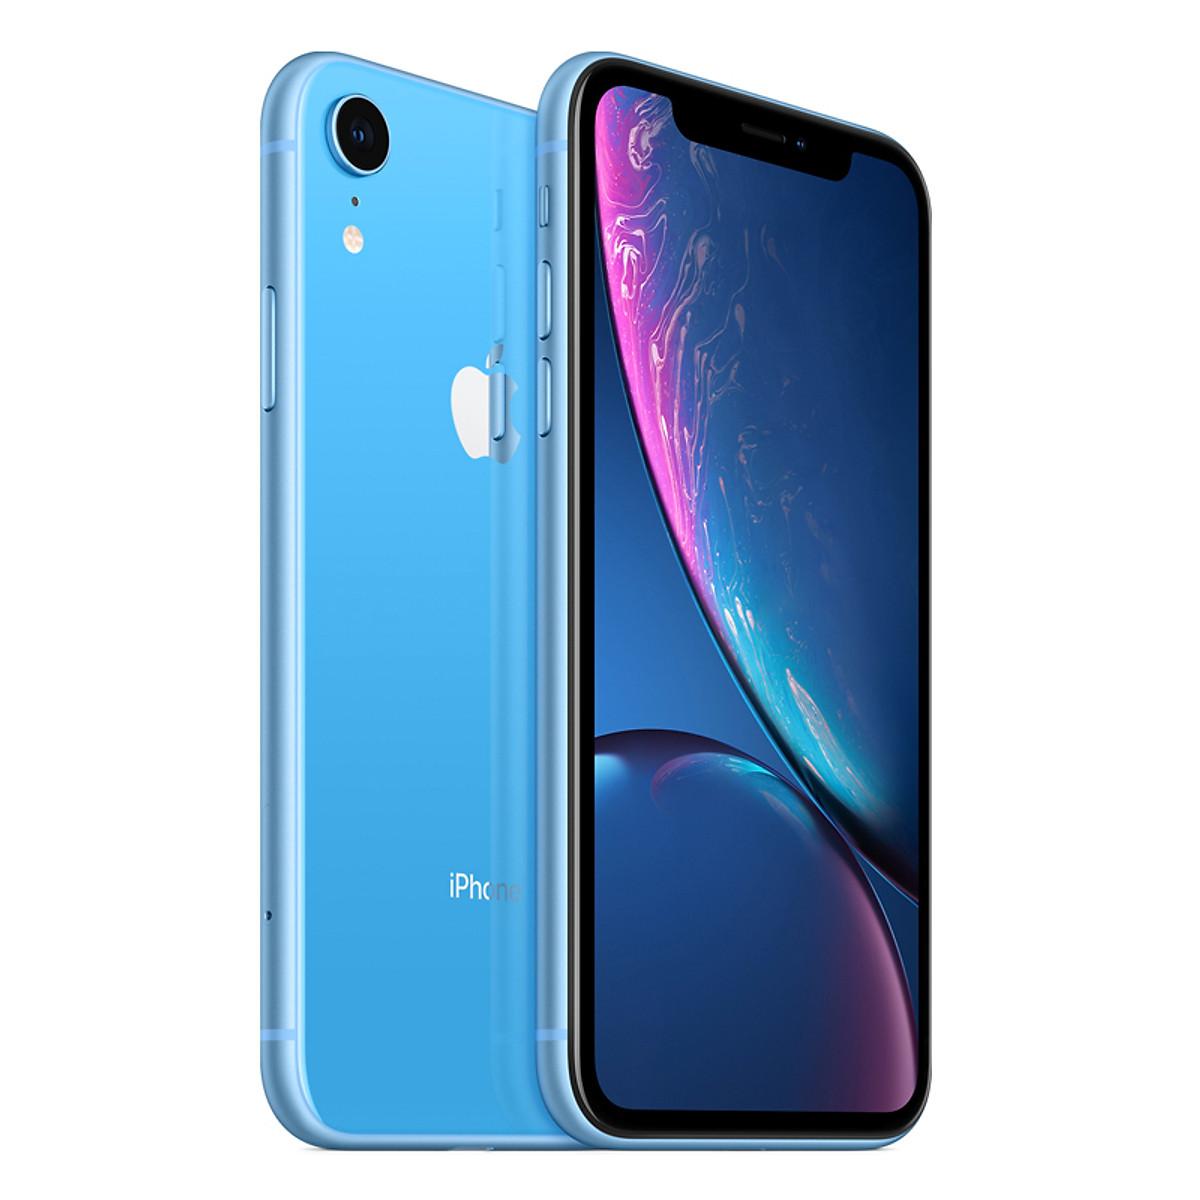 iPhone giảm giá HOT: iPhone XS Max, iPhone XR, iPhone 8 Plus... - 3